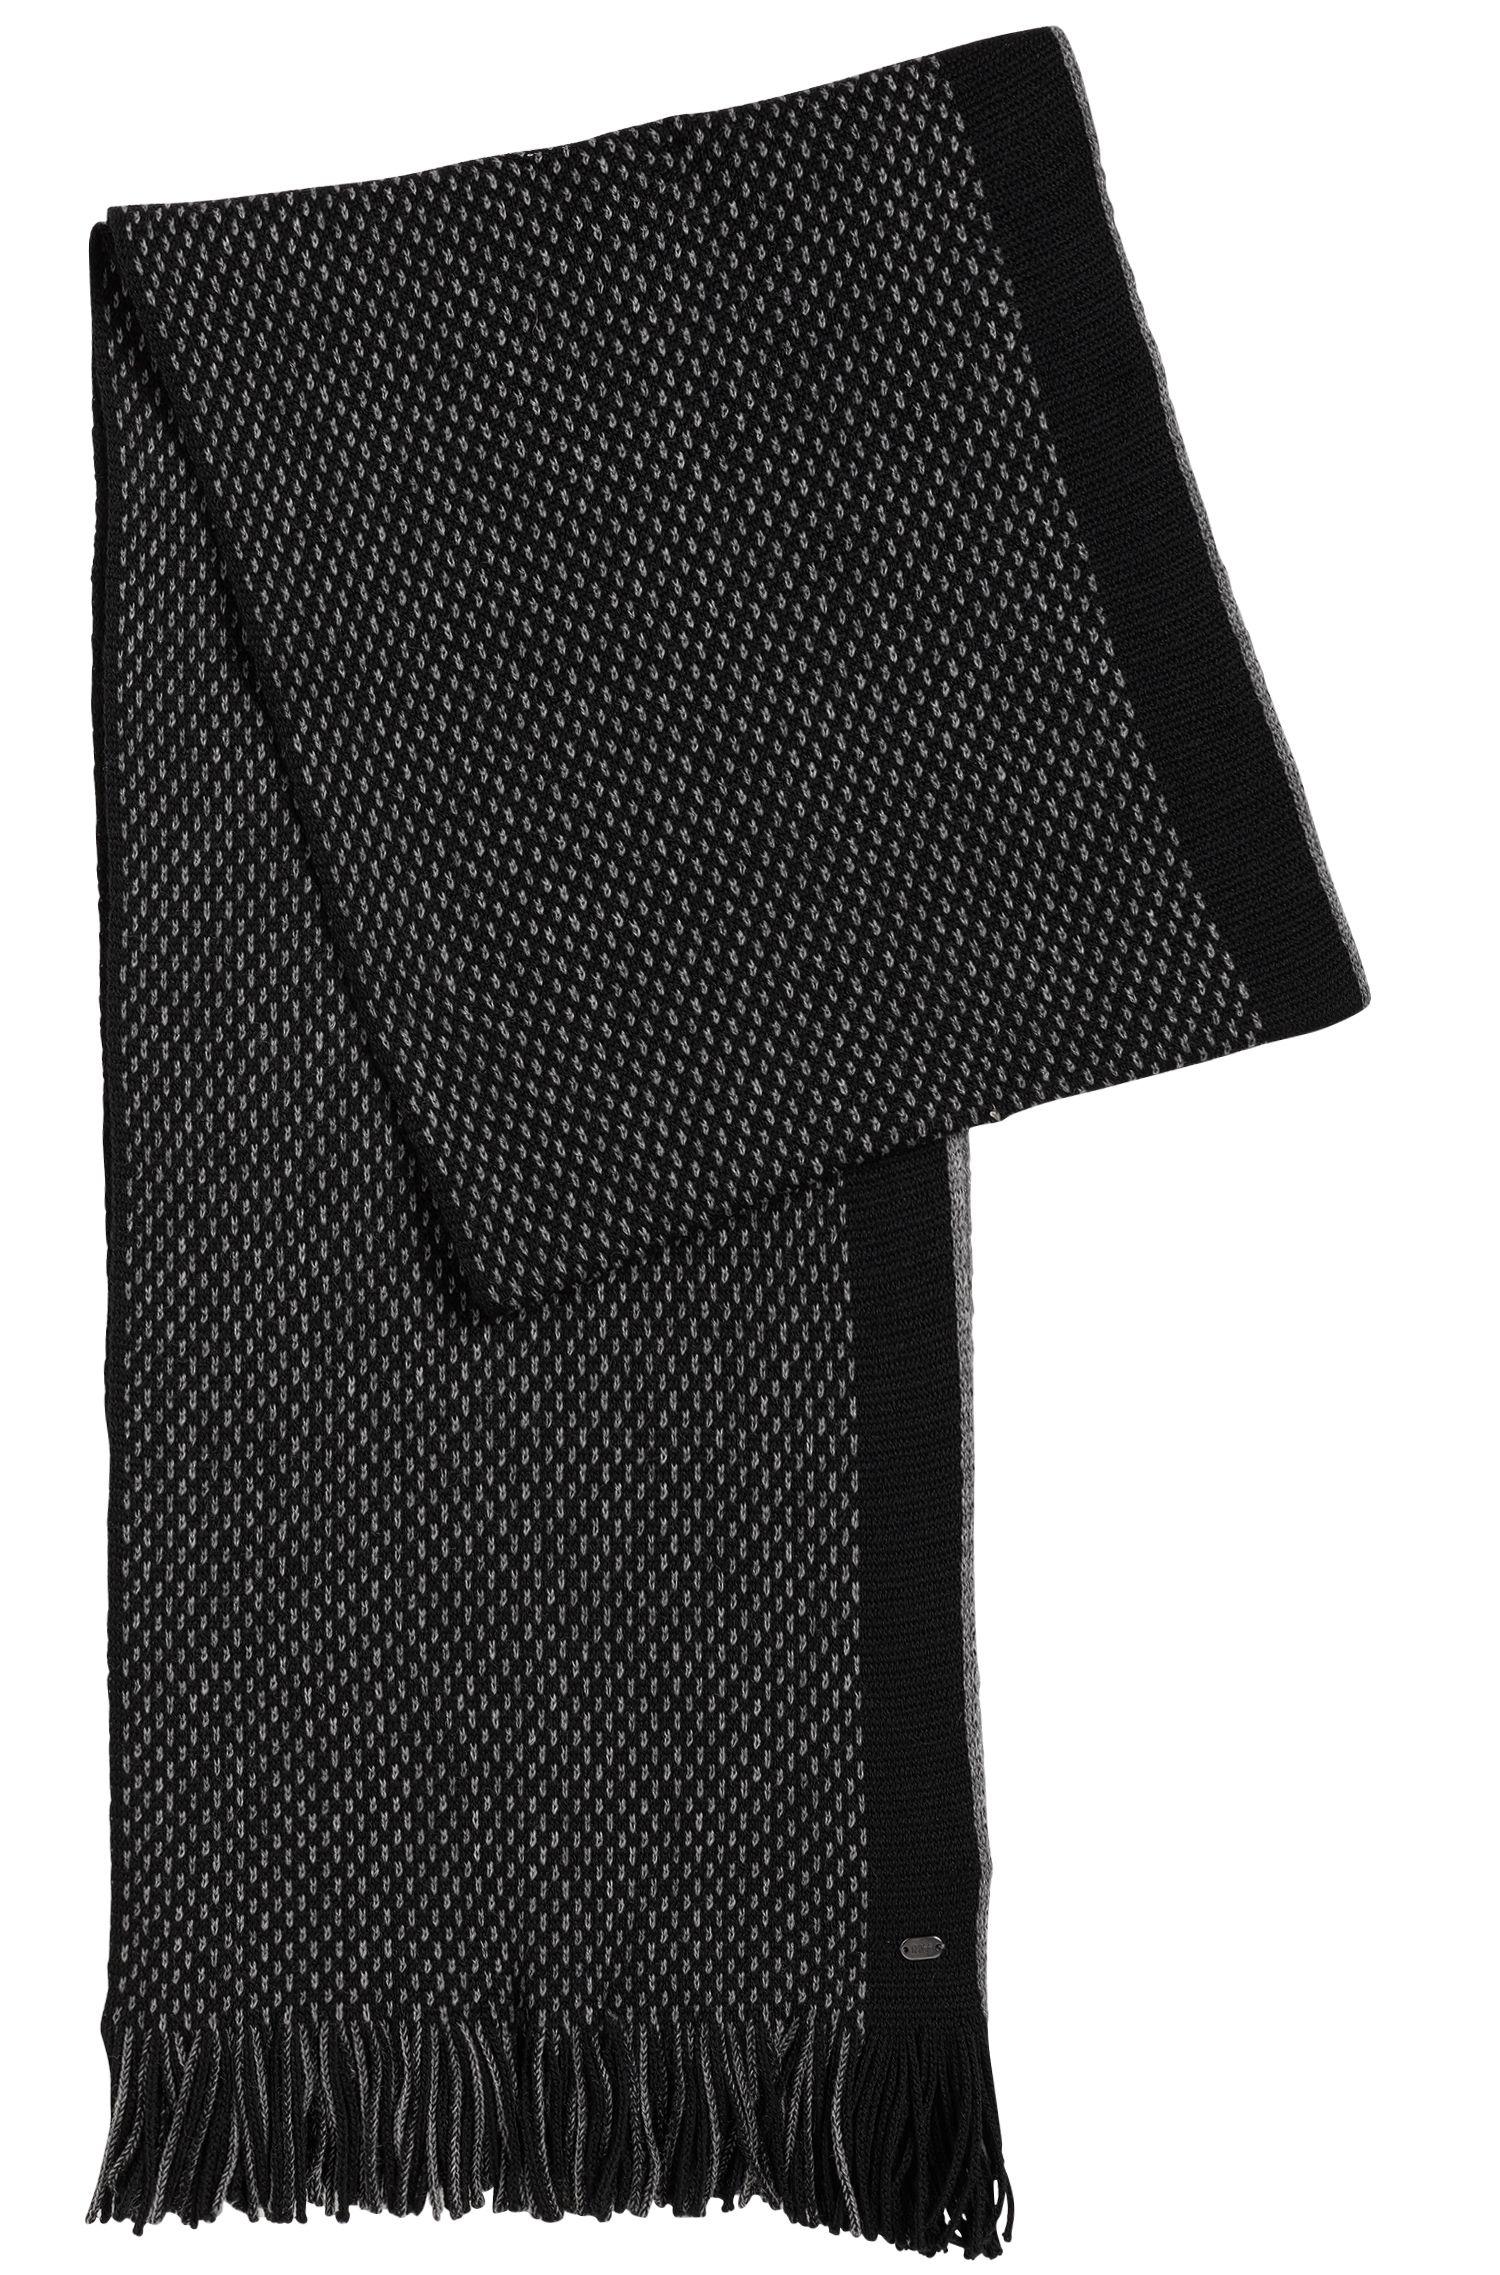 Gewirkter Schal aus Schurwolle